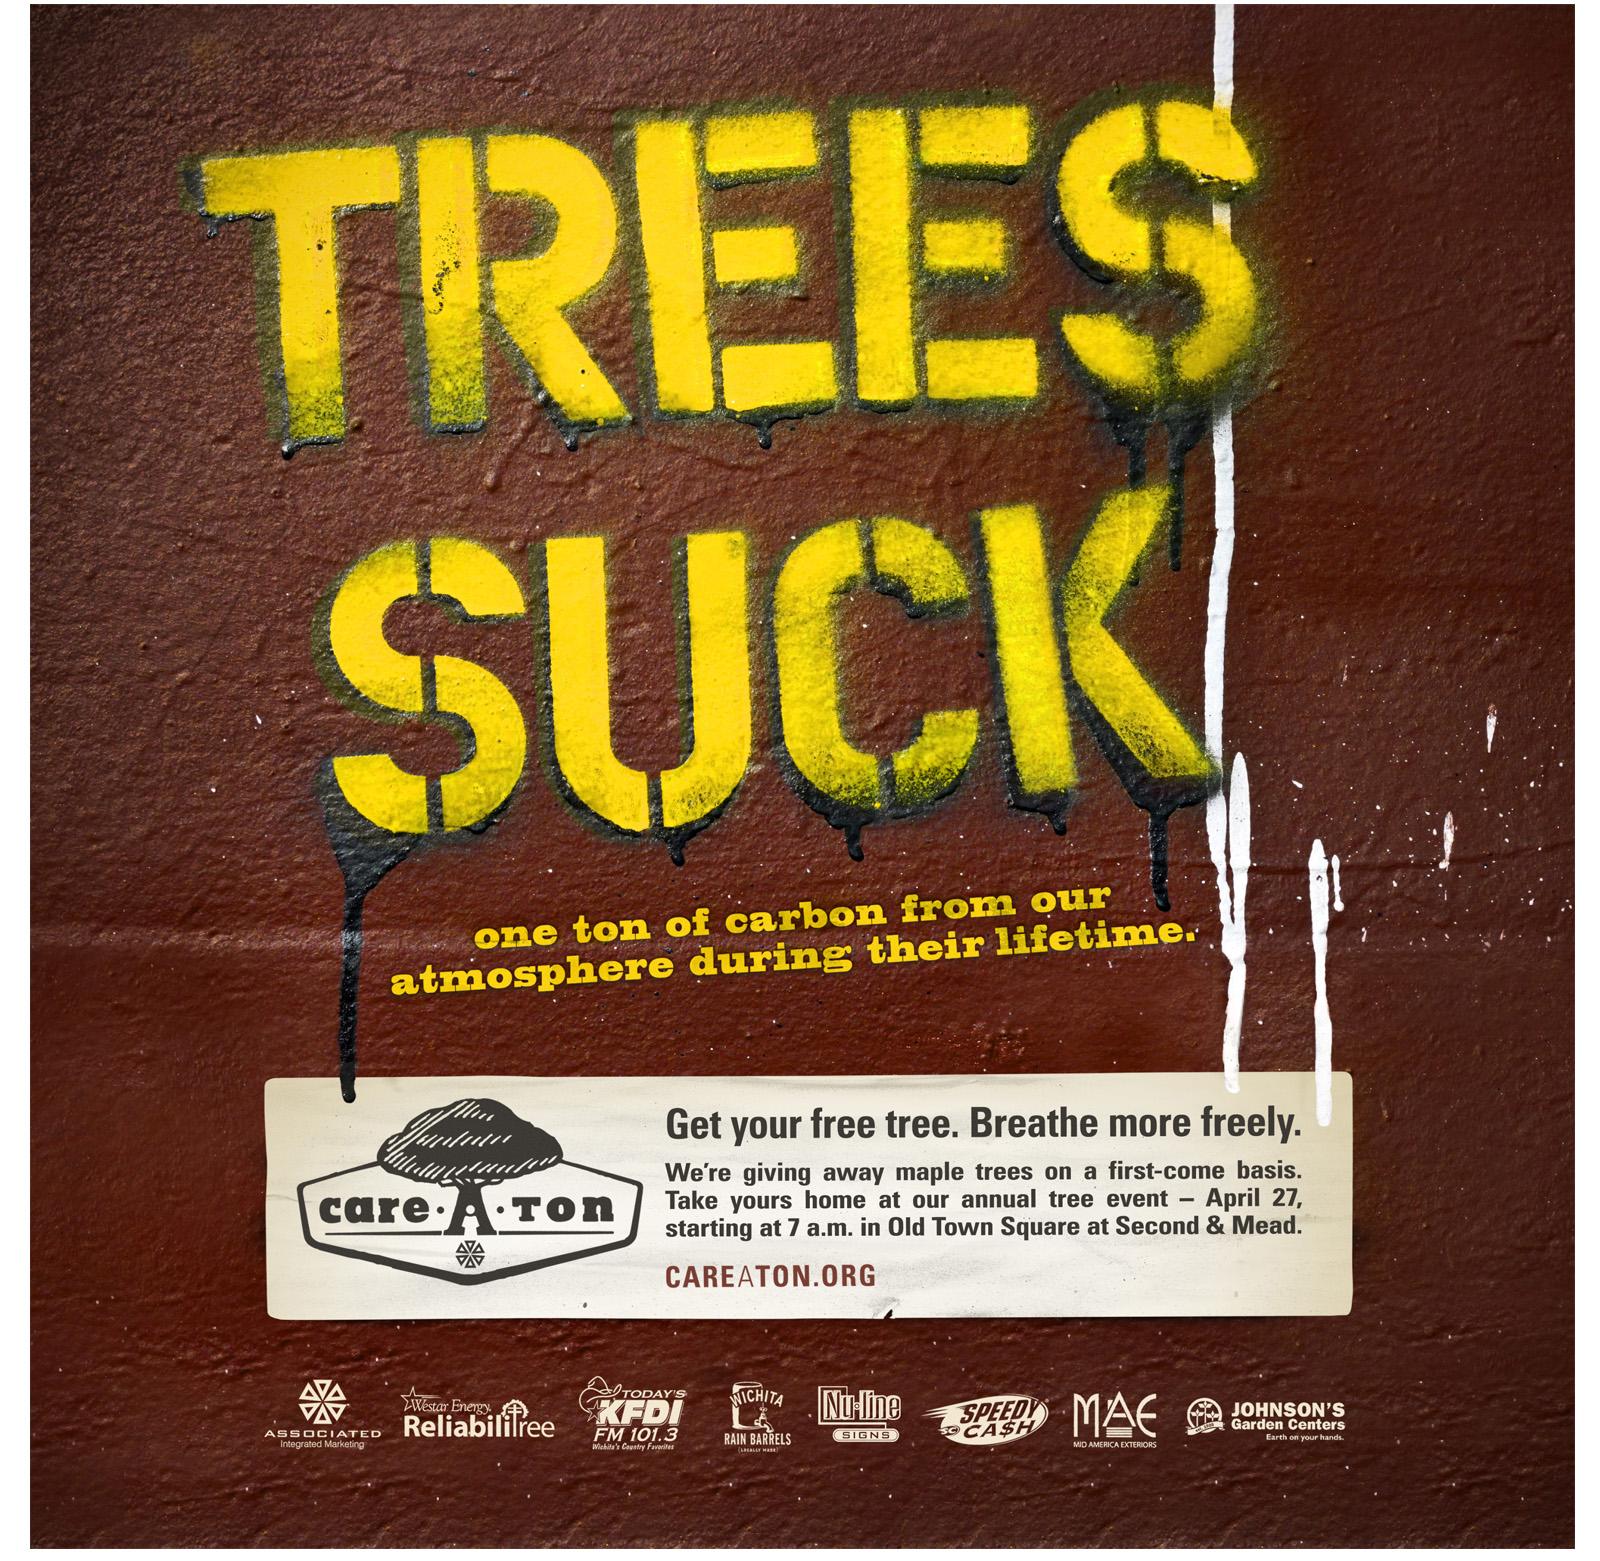 treessuck